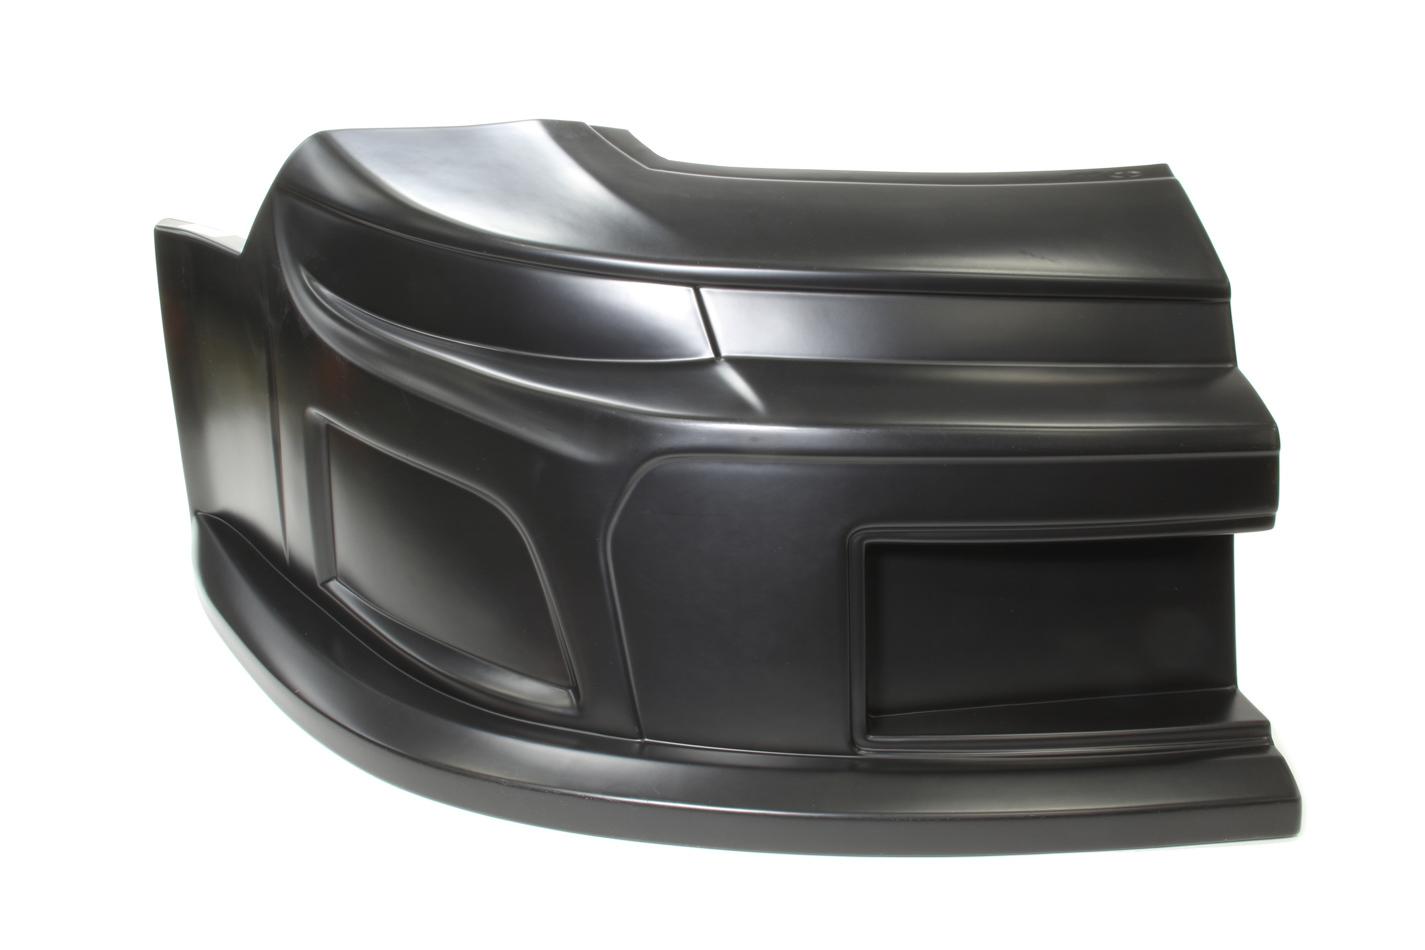 Fivestar 11132-41051-BR Nose, Passenger Side, Molded Plastic, Black, Chevrolet Camaro, 2019 Late Model, Each